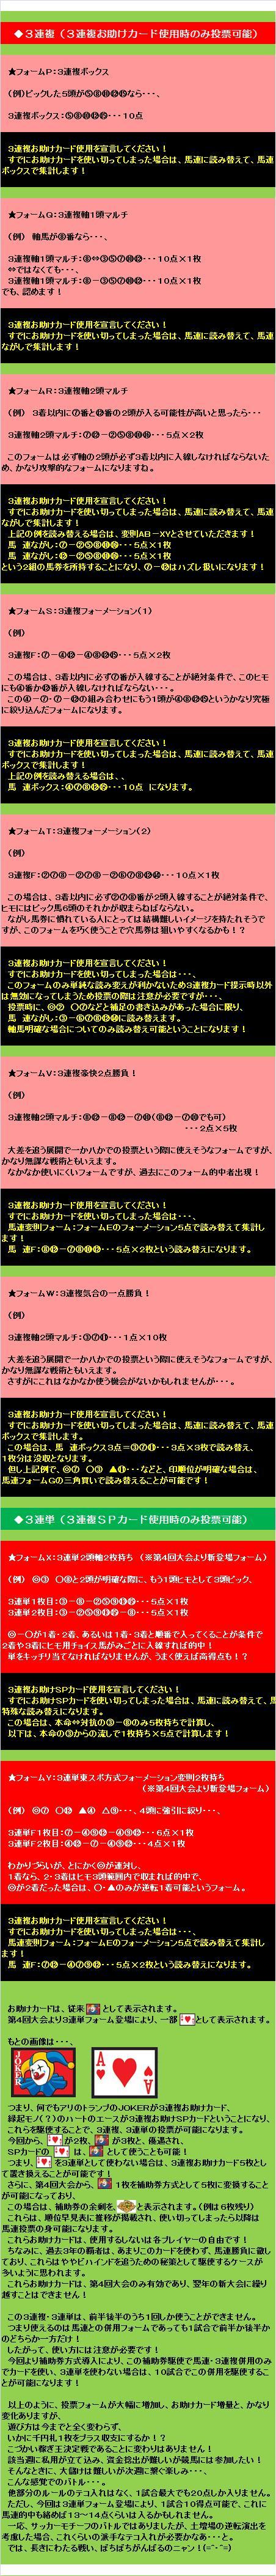 20120505・ダルマンリーグ投票フォーム第4回大会改正②.jpg